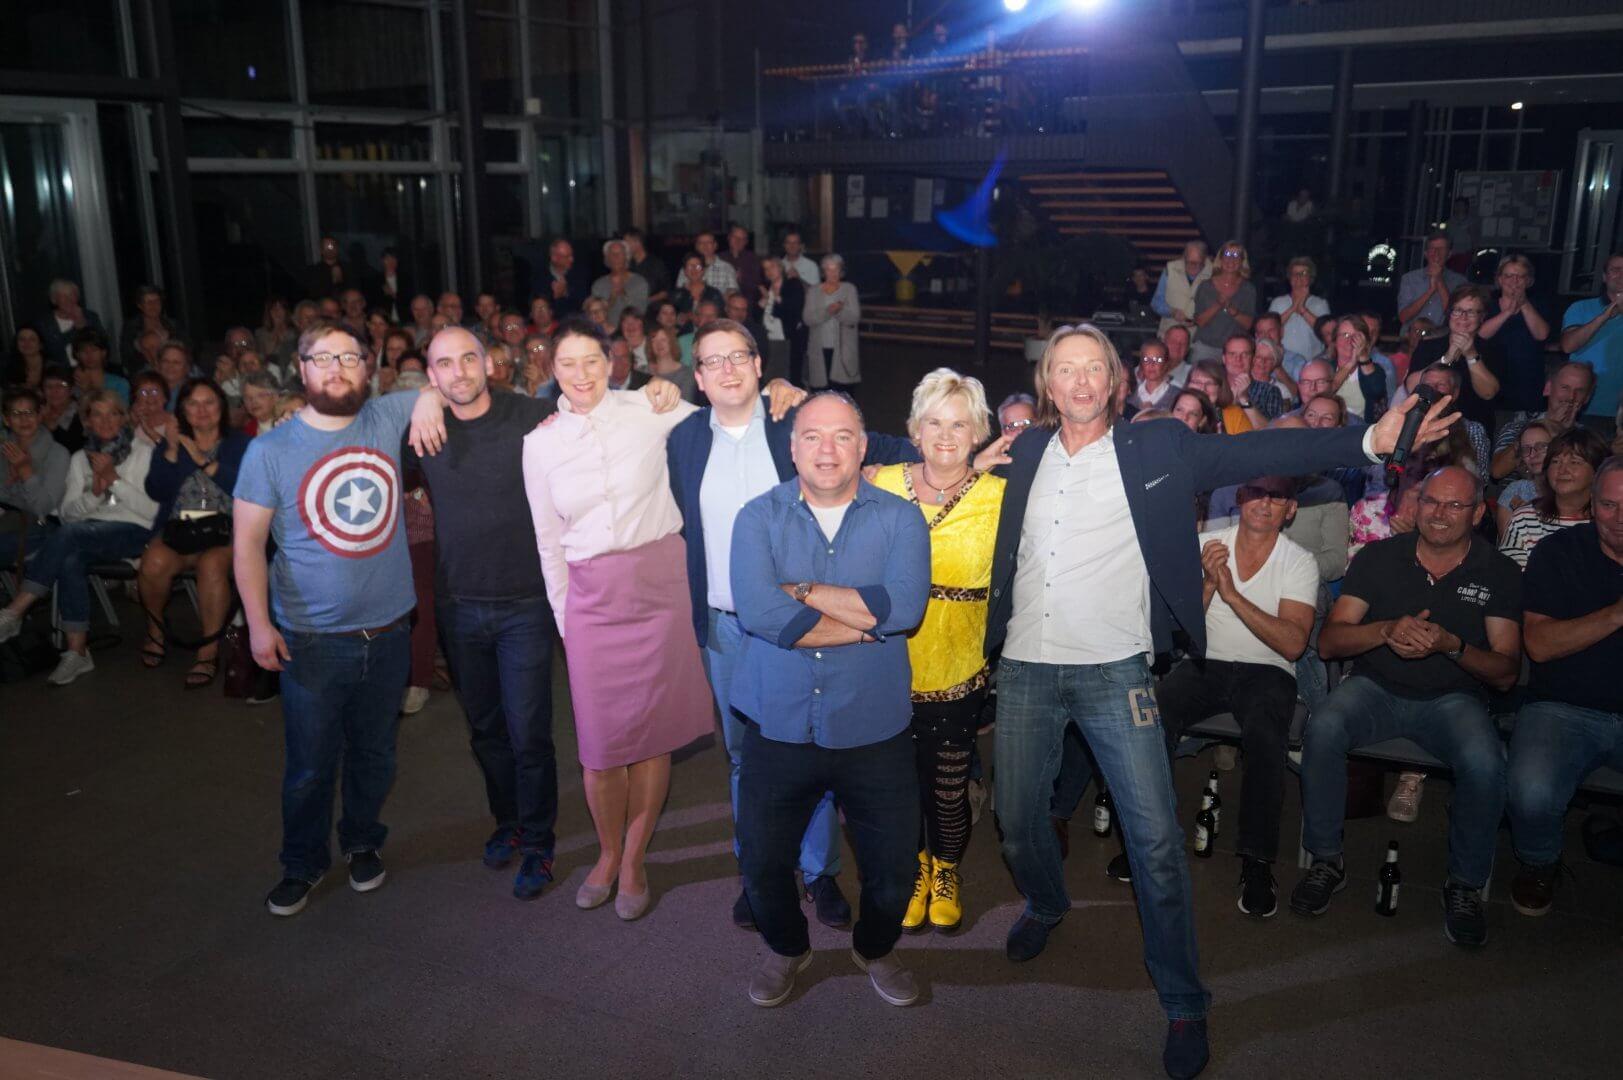 Künstler und Publikum nach dem SchönAbendZusamm! in Hamm am 10.10.2018